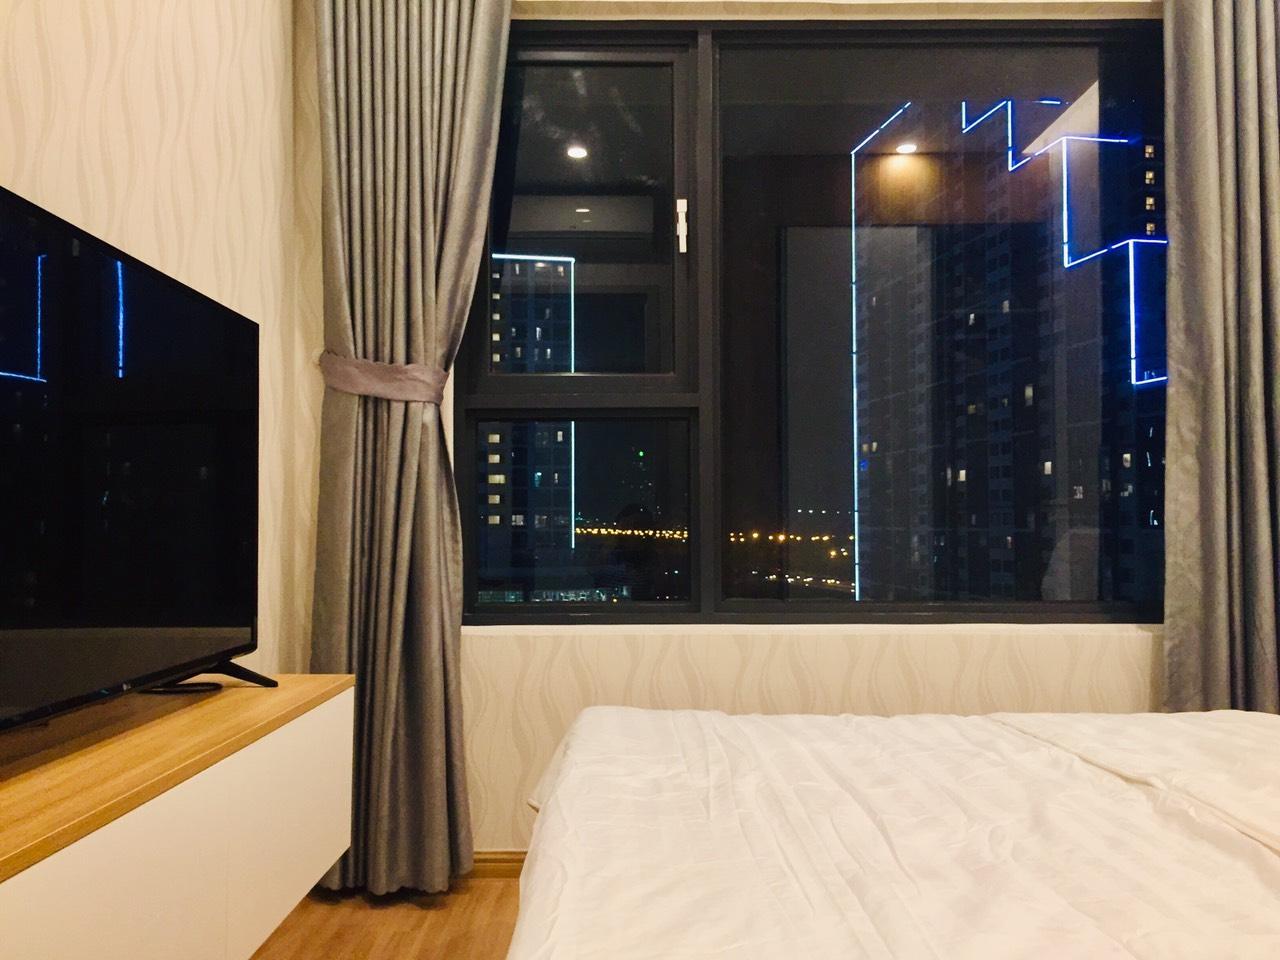 Chuyển Nhượng 3 phòng ngủ New City Thủ Thiêm - ID 010091